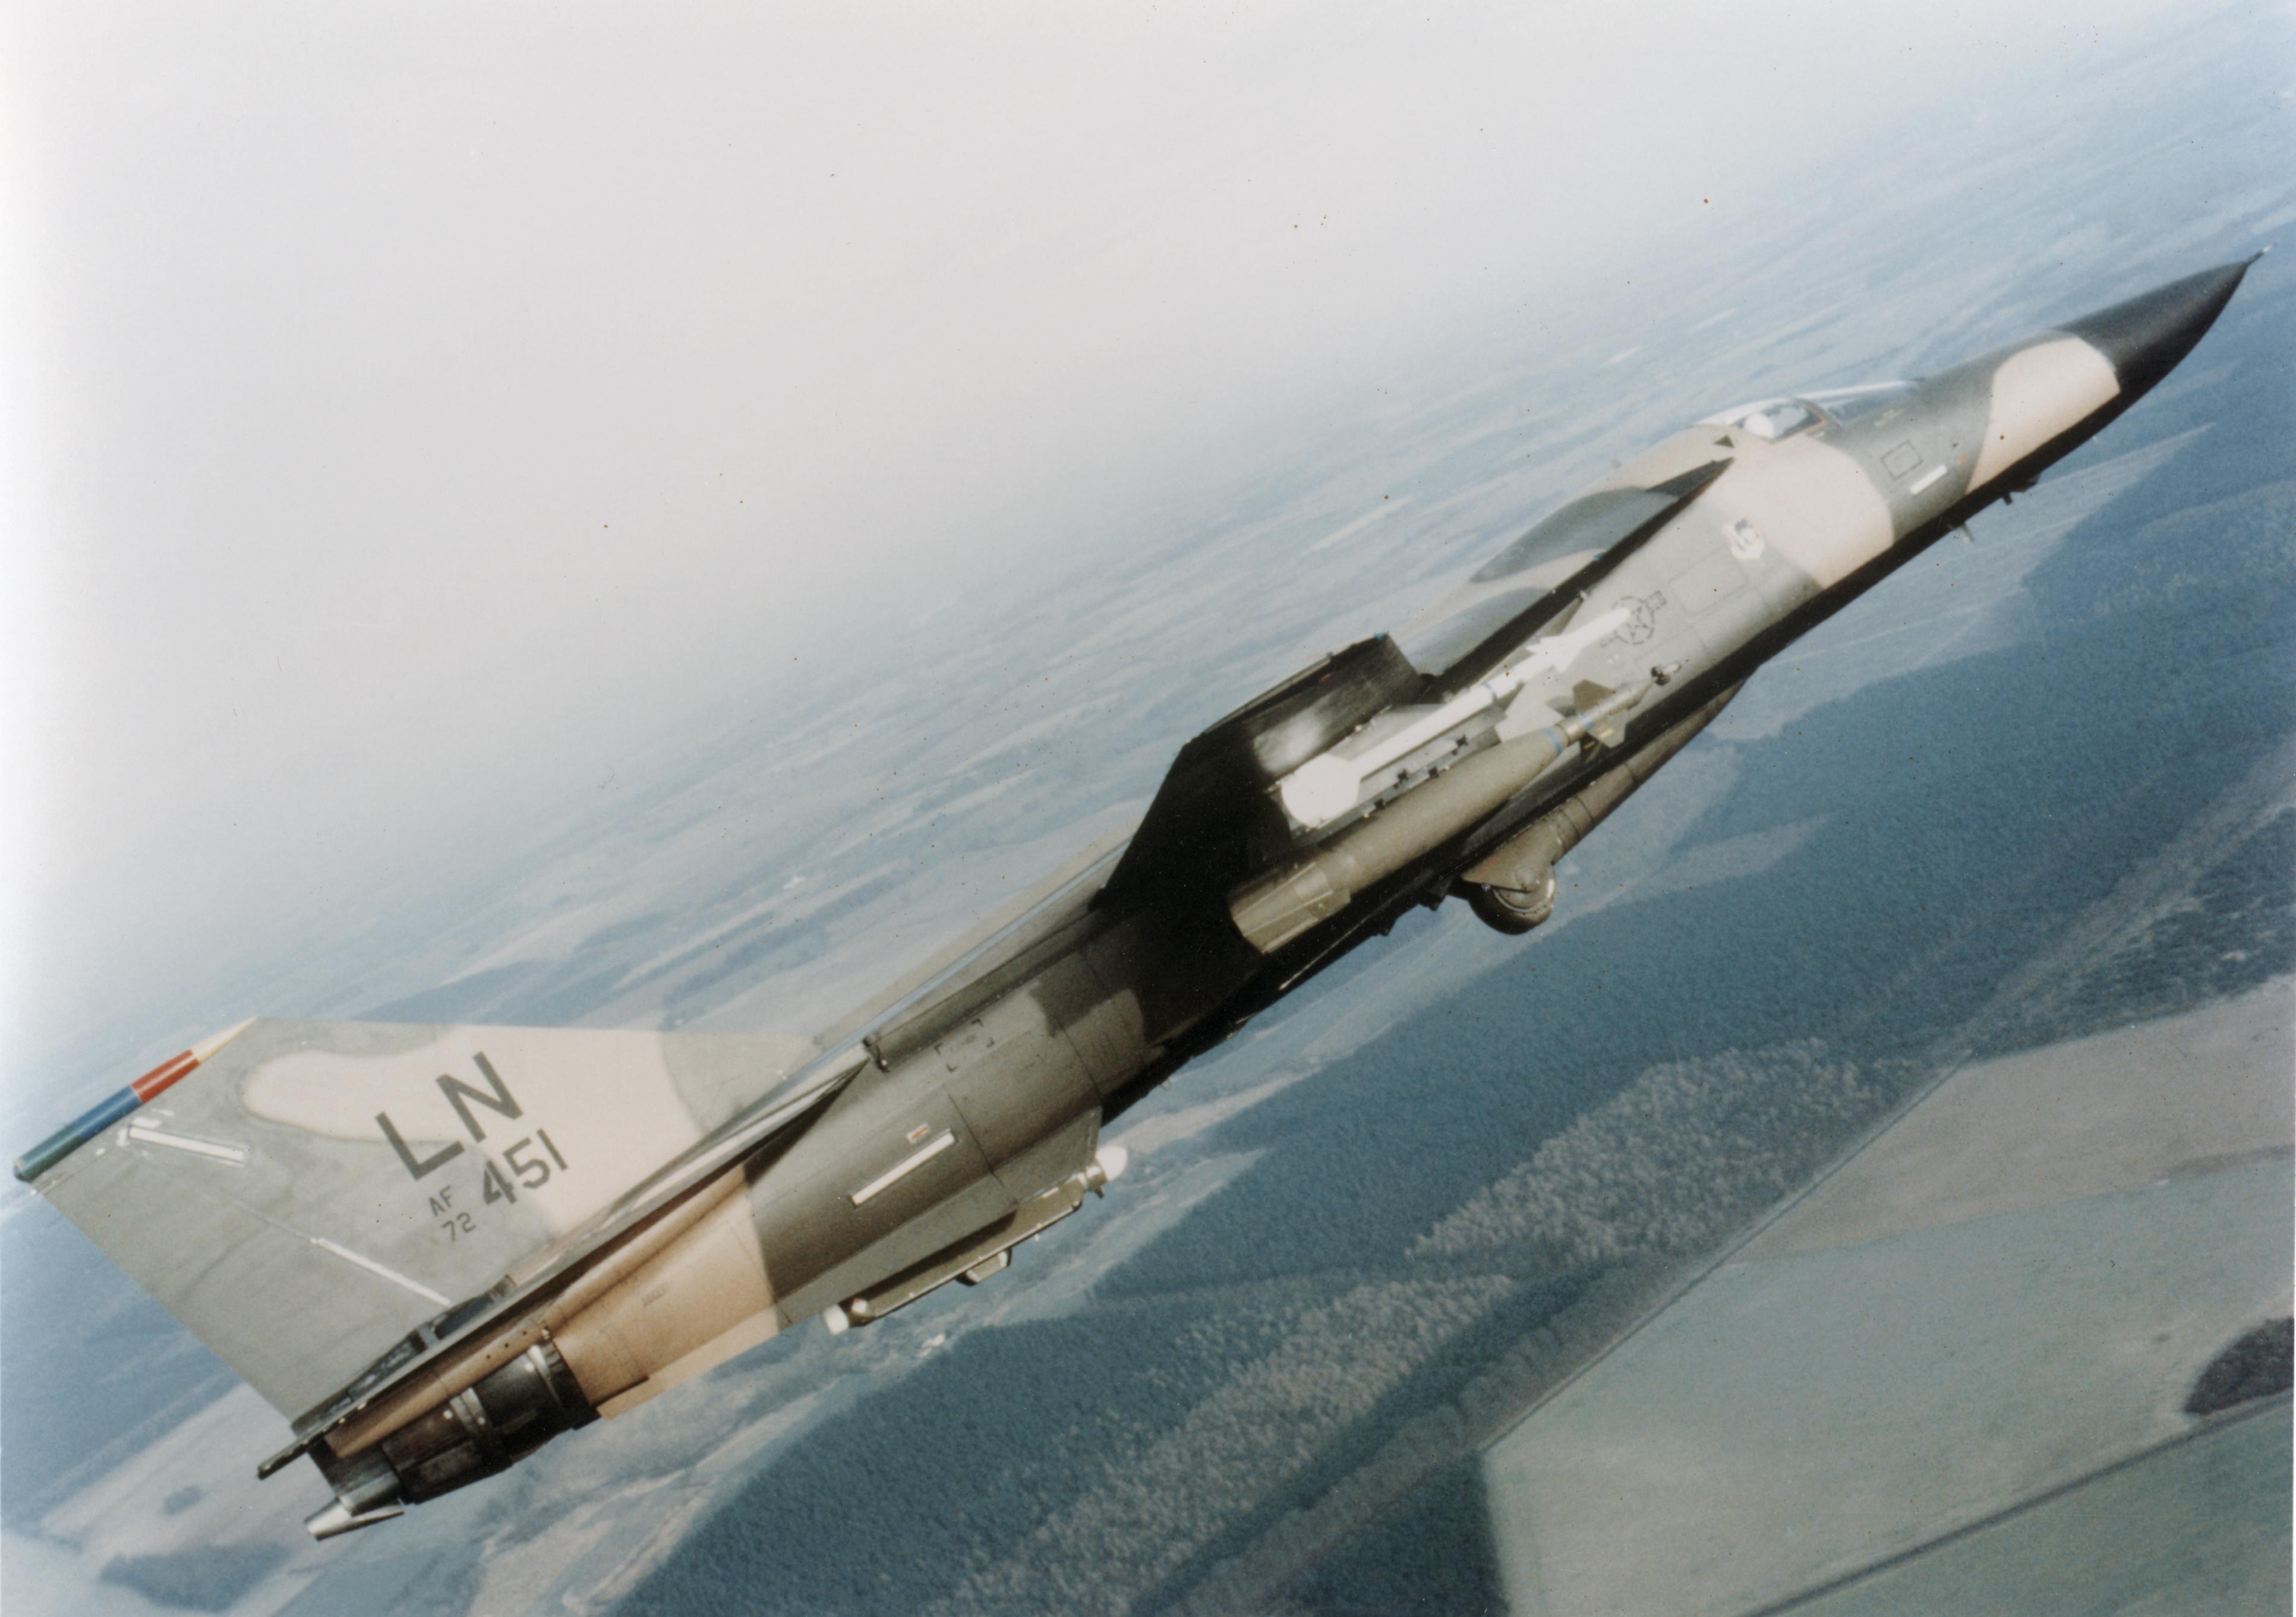 f-111-in-flight_jpg_pc-adaptive_full_medium.jpg